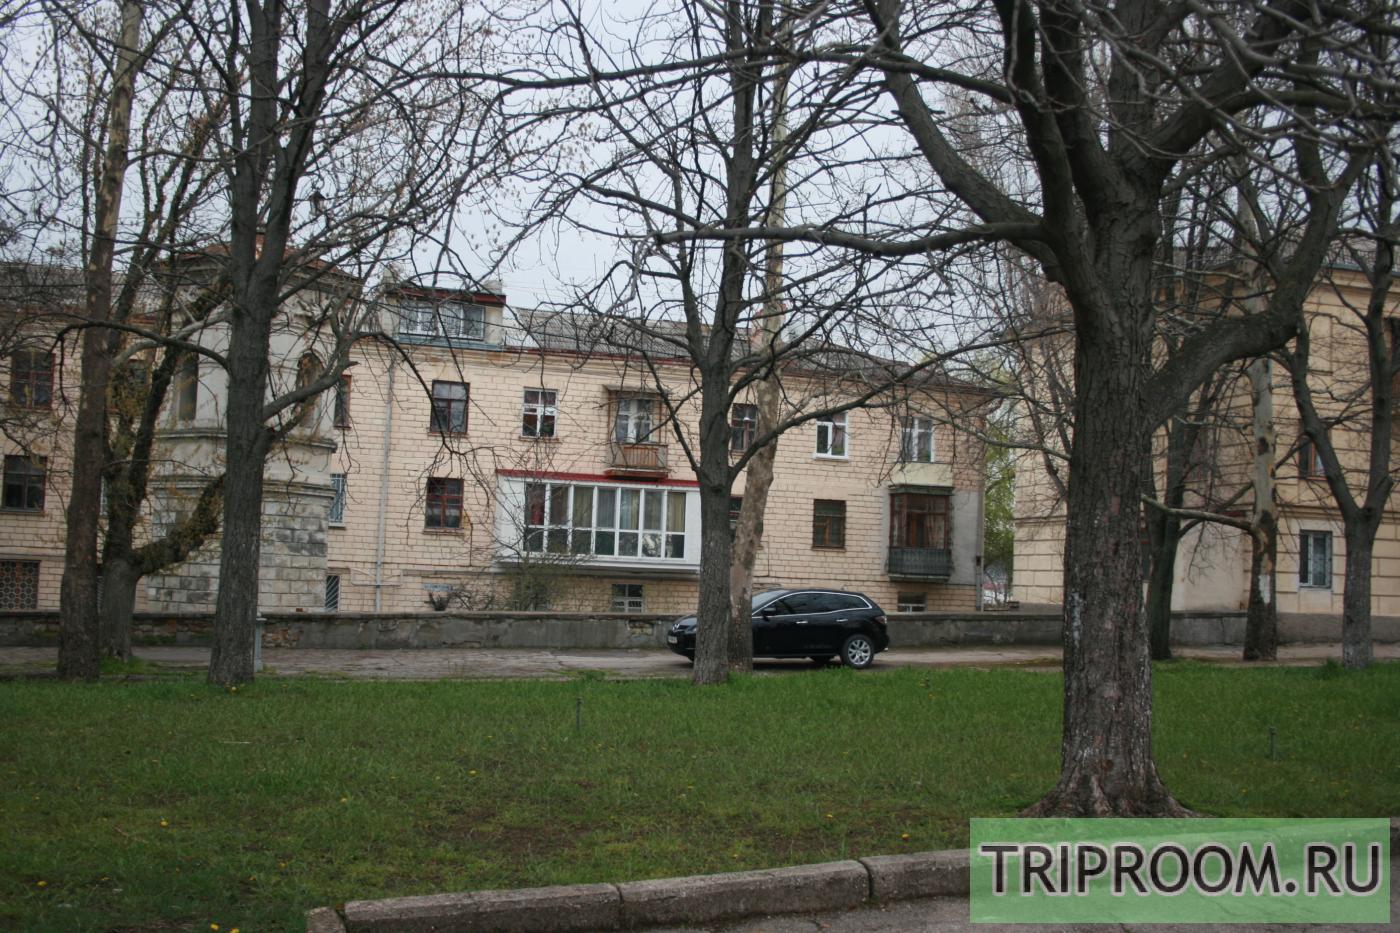 1-комнатная квартира посуточно (вариант № 1326), ул. Советская улица, фото № 25